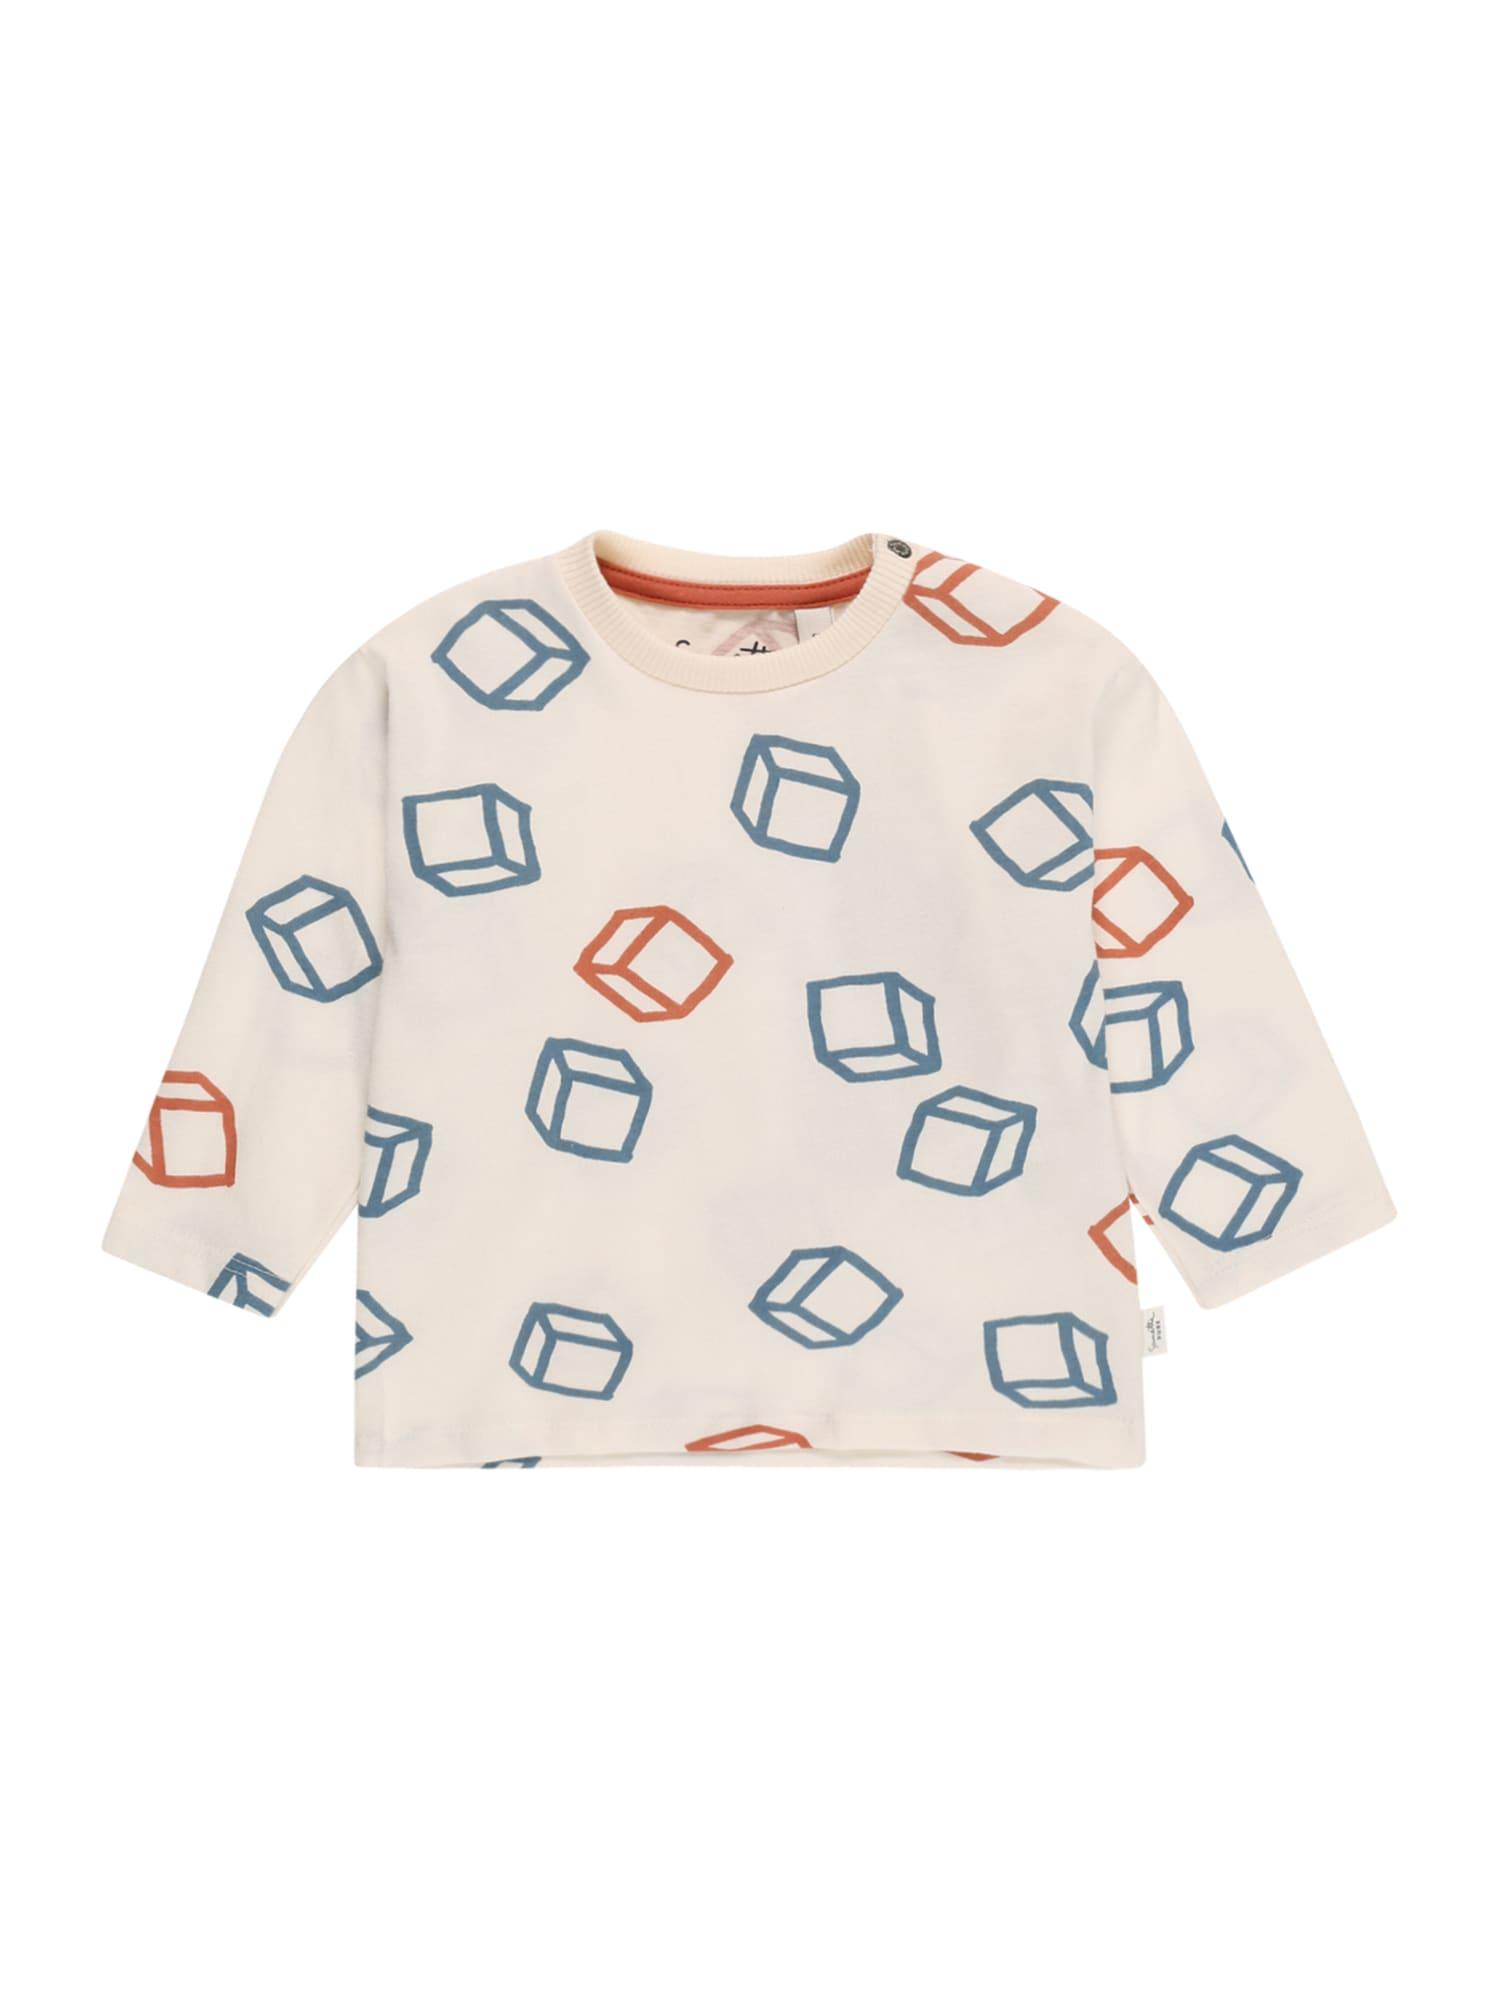 Sanetta Pure Marškinėliai natūrali balta / mėlyna / rūdžių raudona